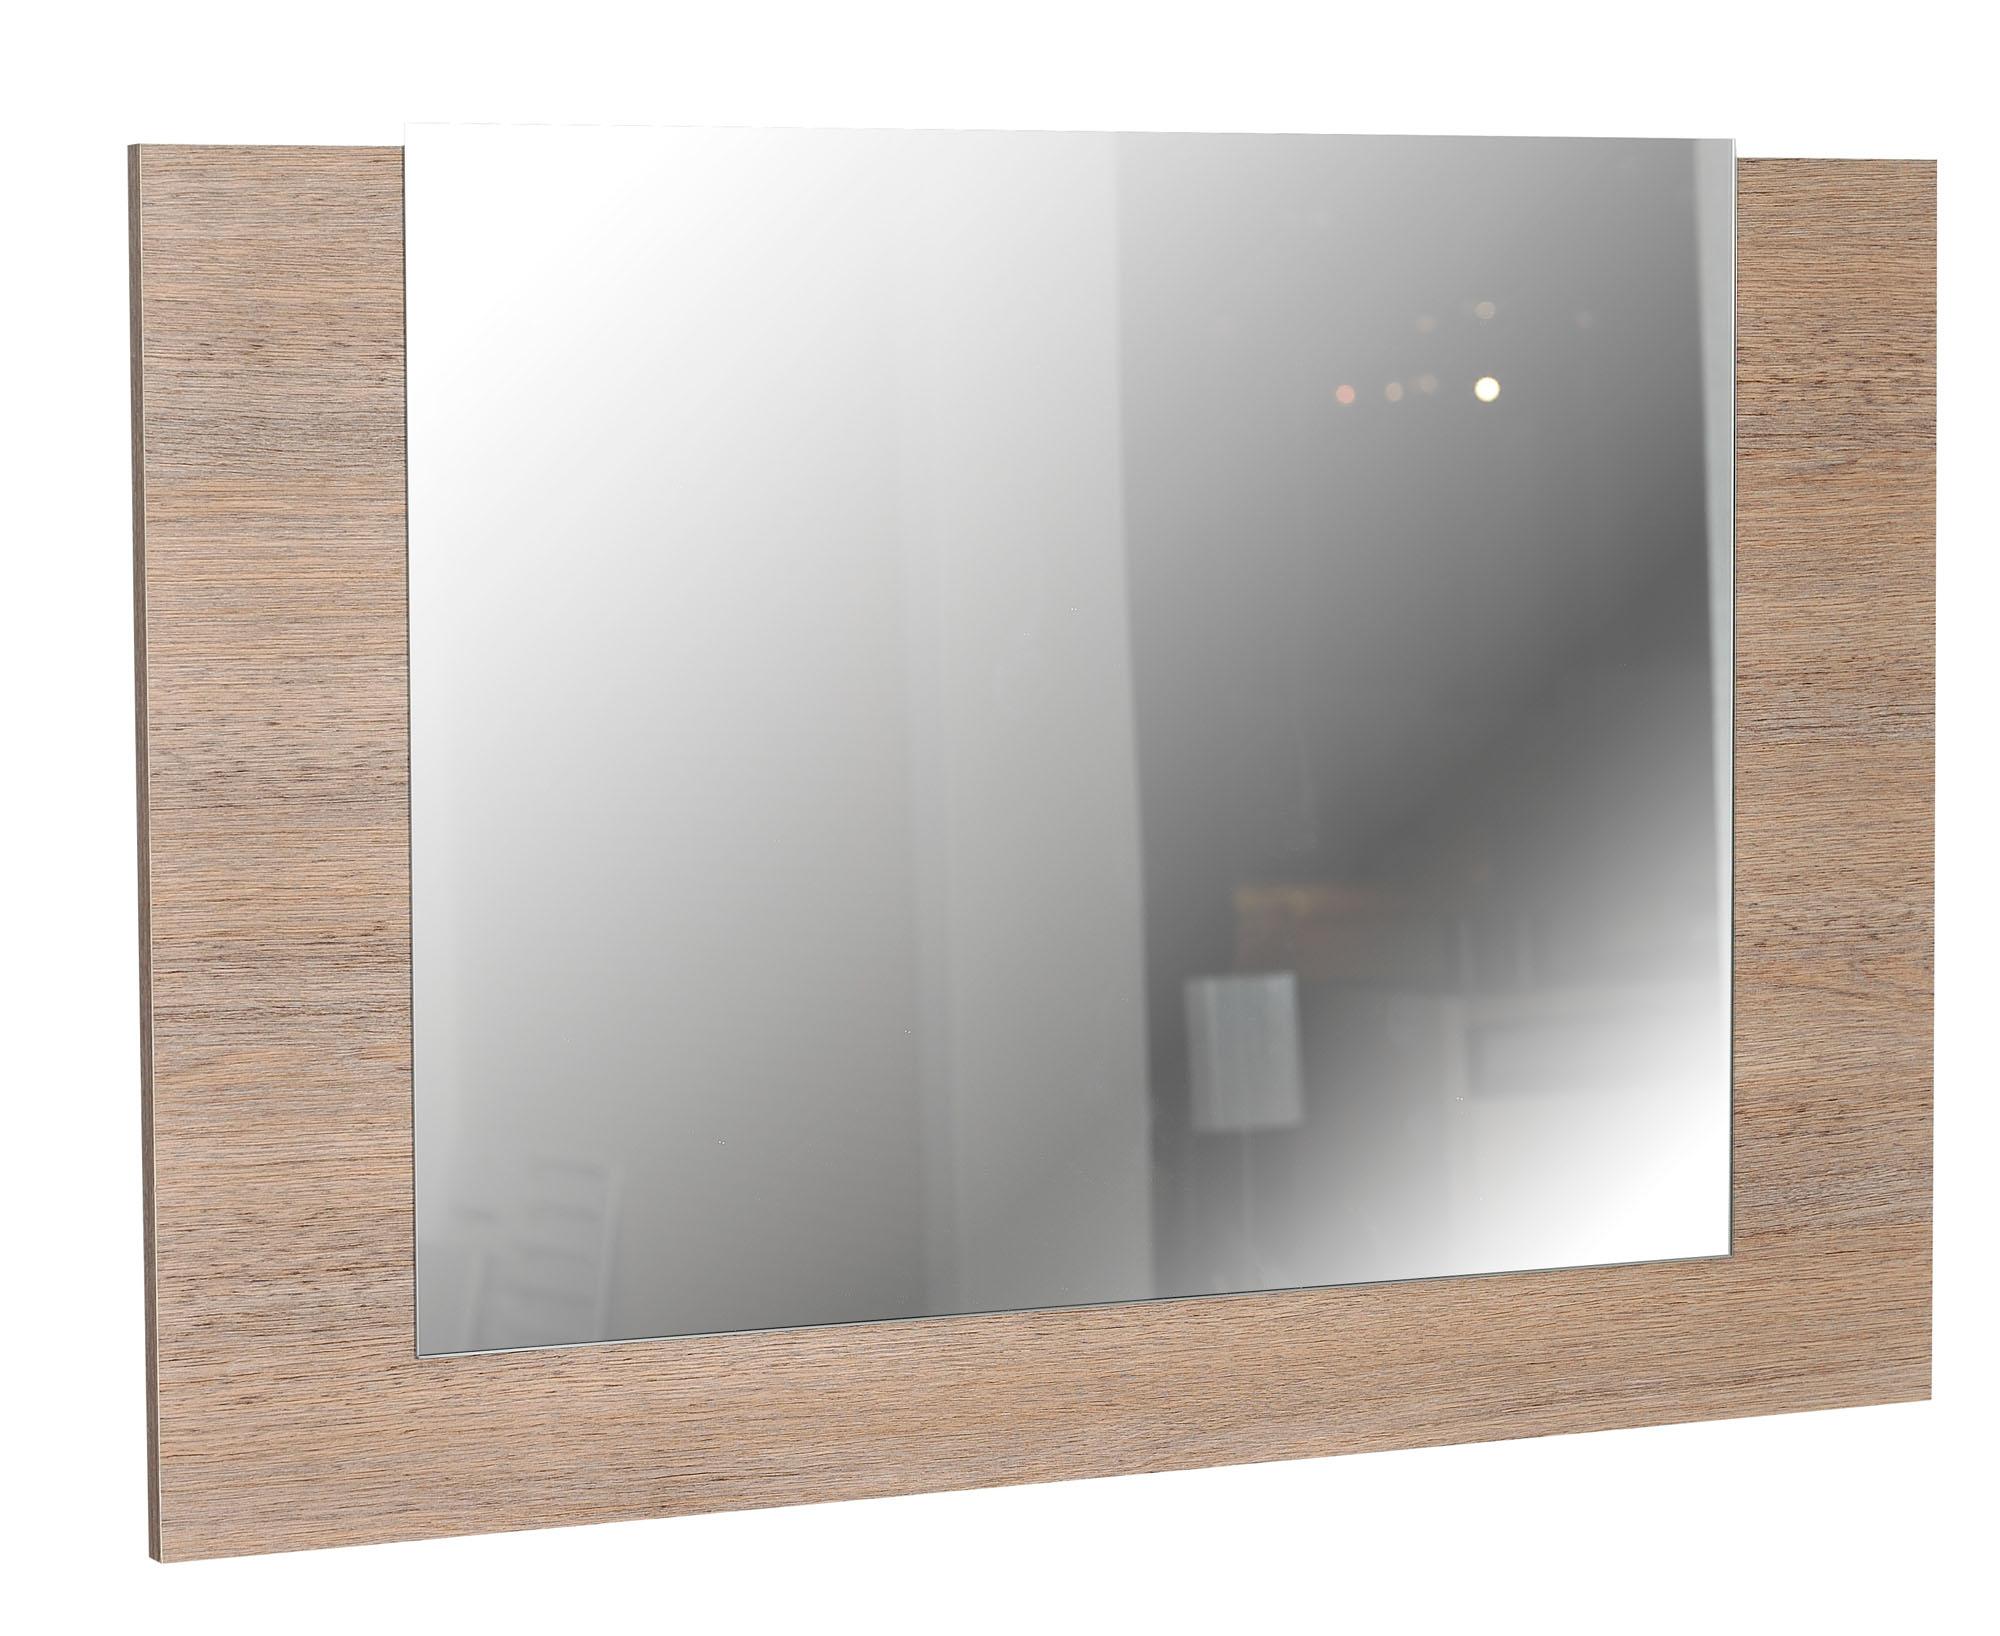 nachtkommode nachtschrank highboard kommode schlafzimmer spiegel eiche creme ebay. Black Bedroom Furniture Sets. Home Design Ideas